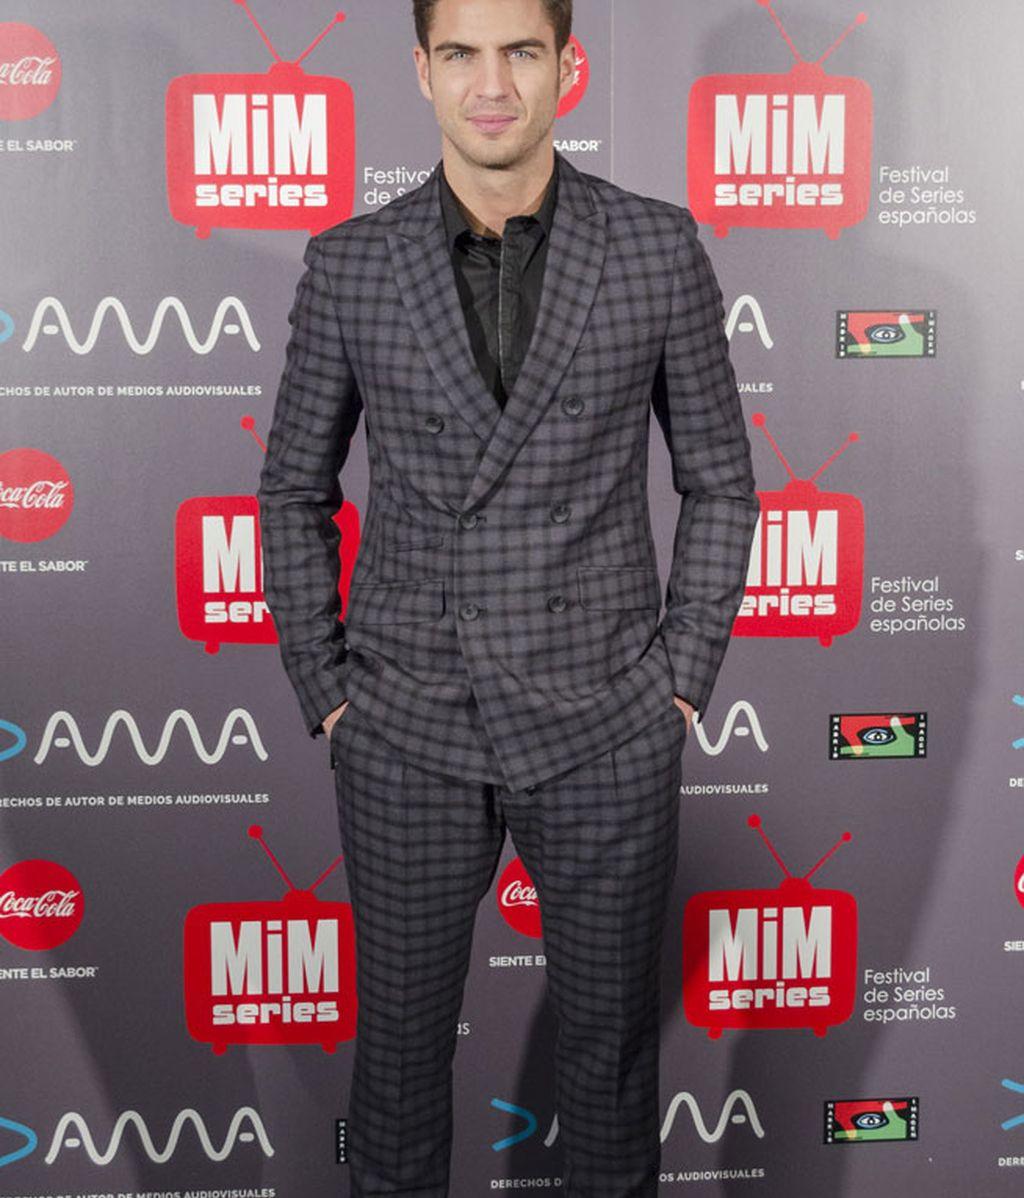 Maxi Iglesias apostó por un traje de cuadros en tonos grises